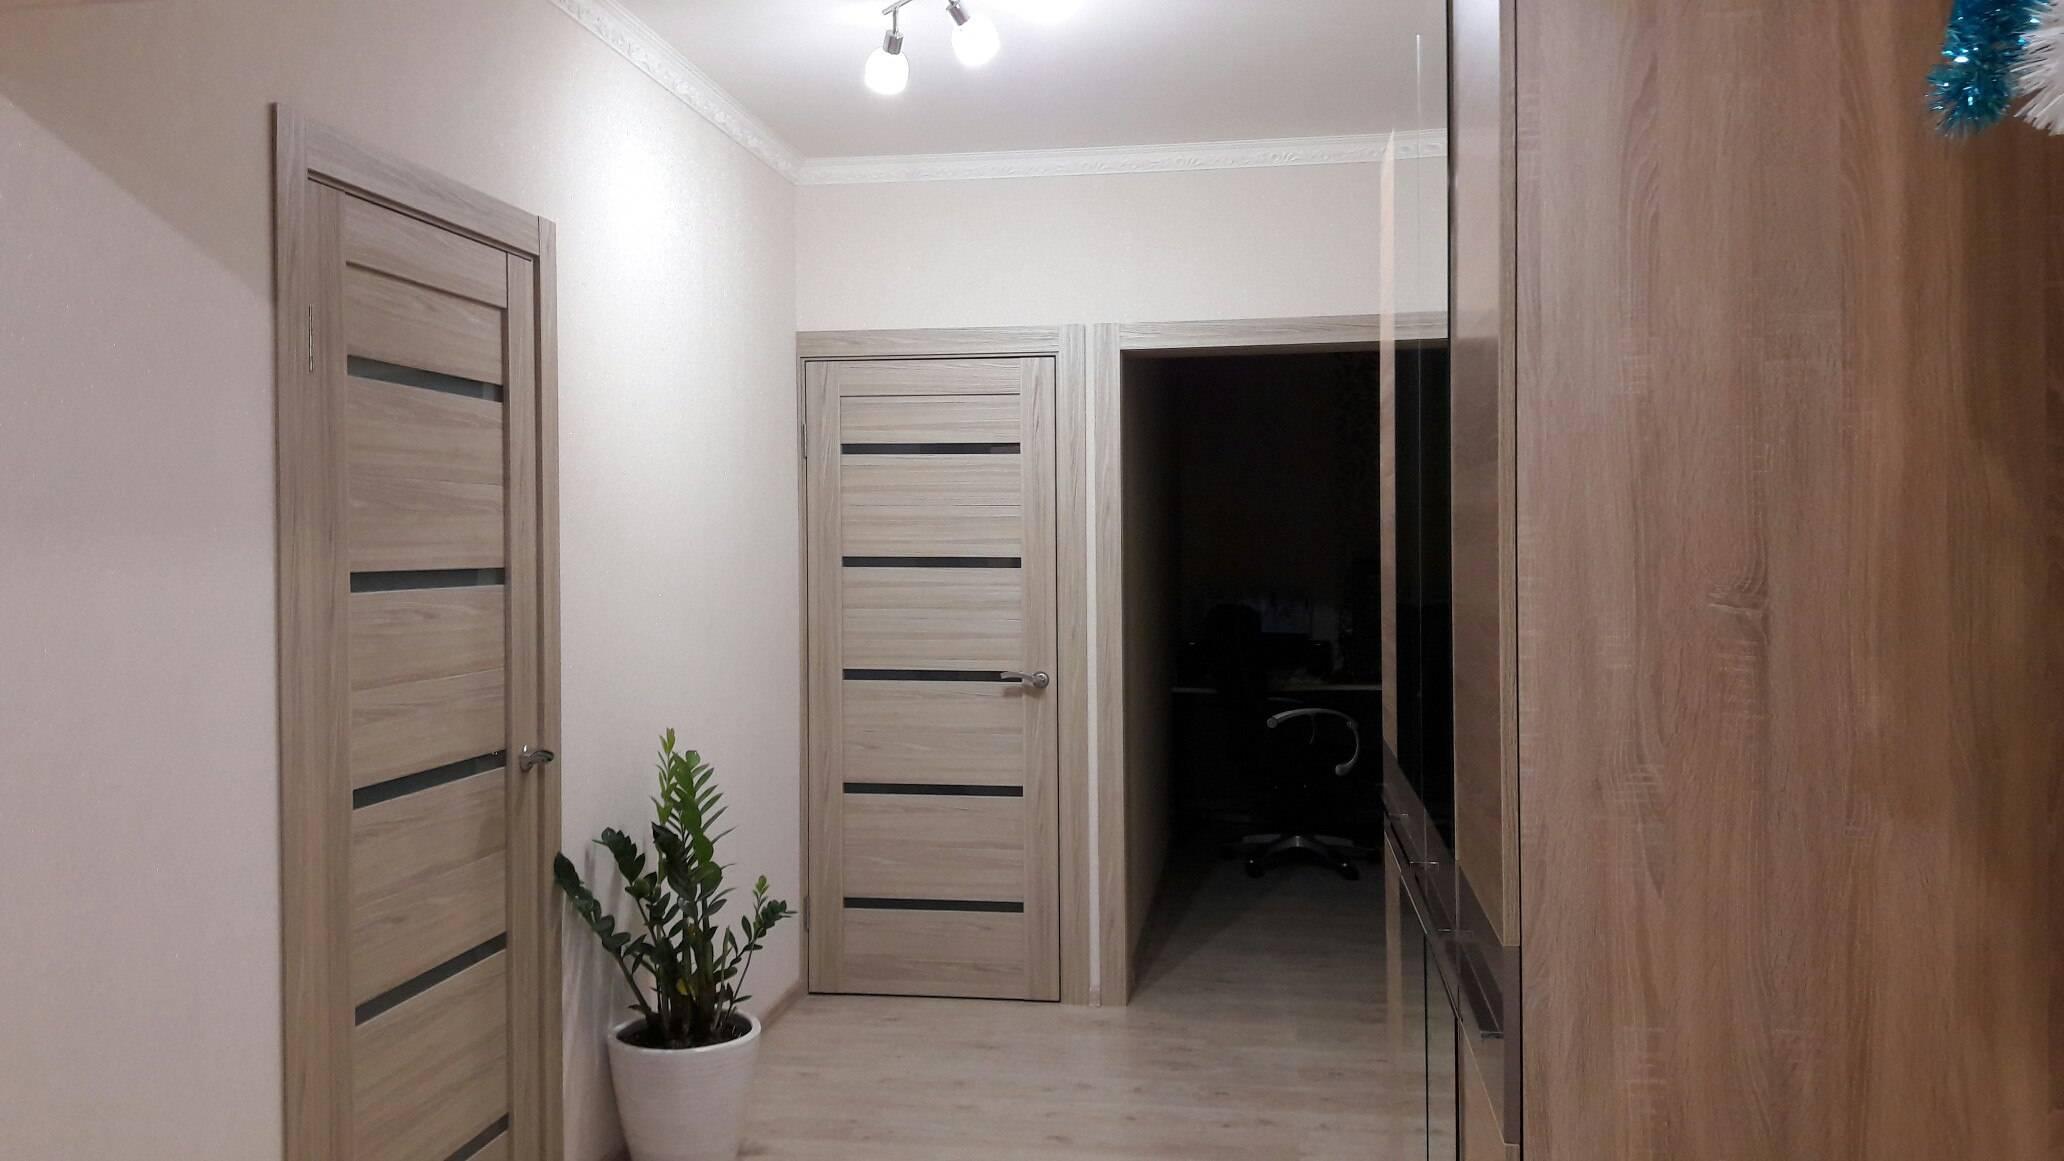 Царговые двери: что это такое, отзывы и преимущества, стоевые фото и межкомнатные каркасные конструкции